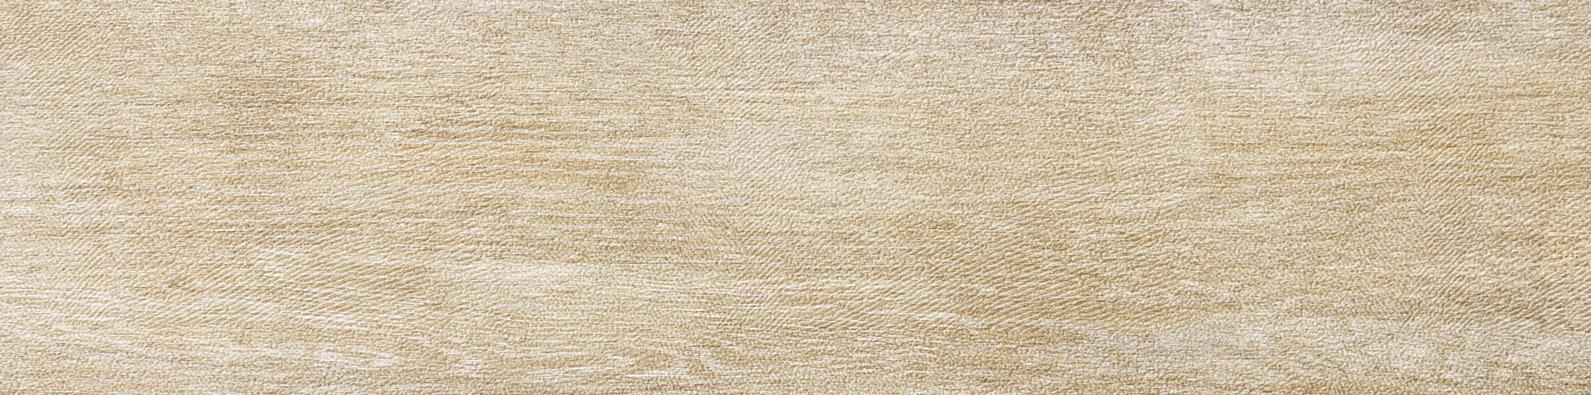 Płytka podłogowa deskopodobna Tubądzin Rustic Alder Beige 1 22,3x89,8